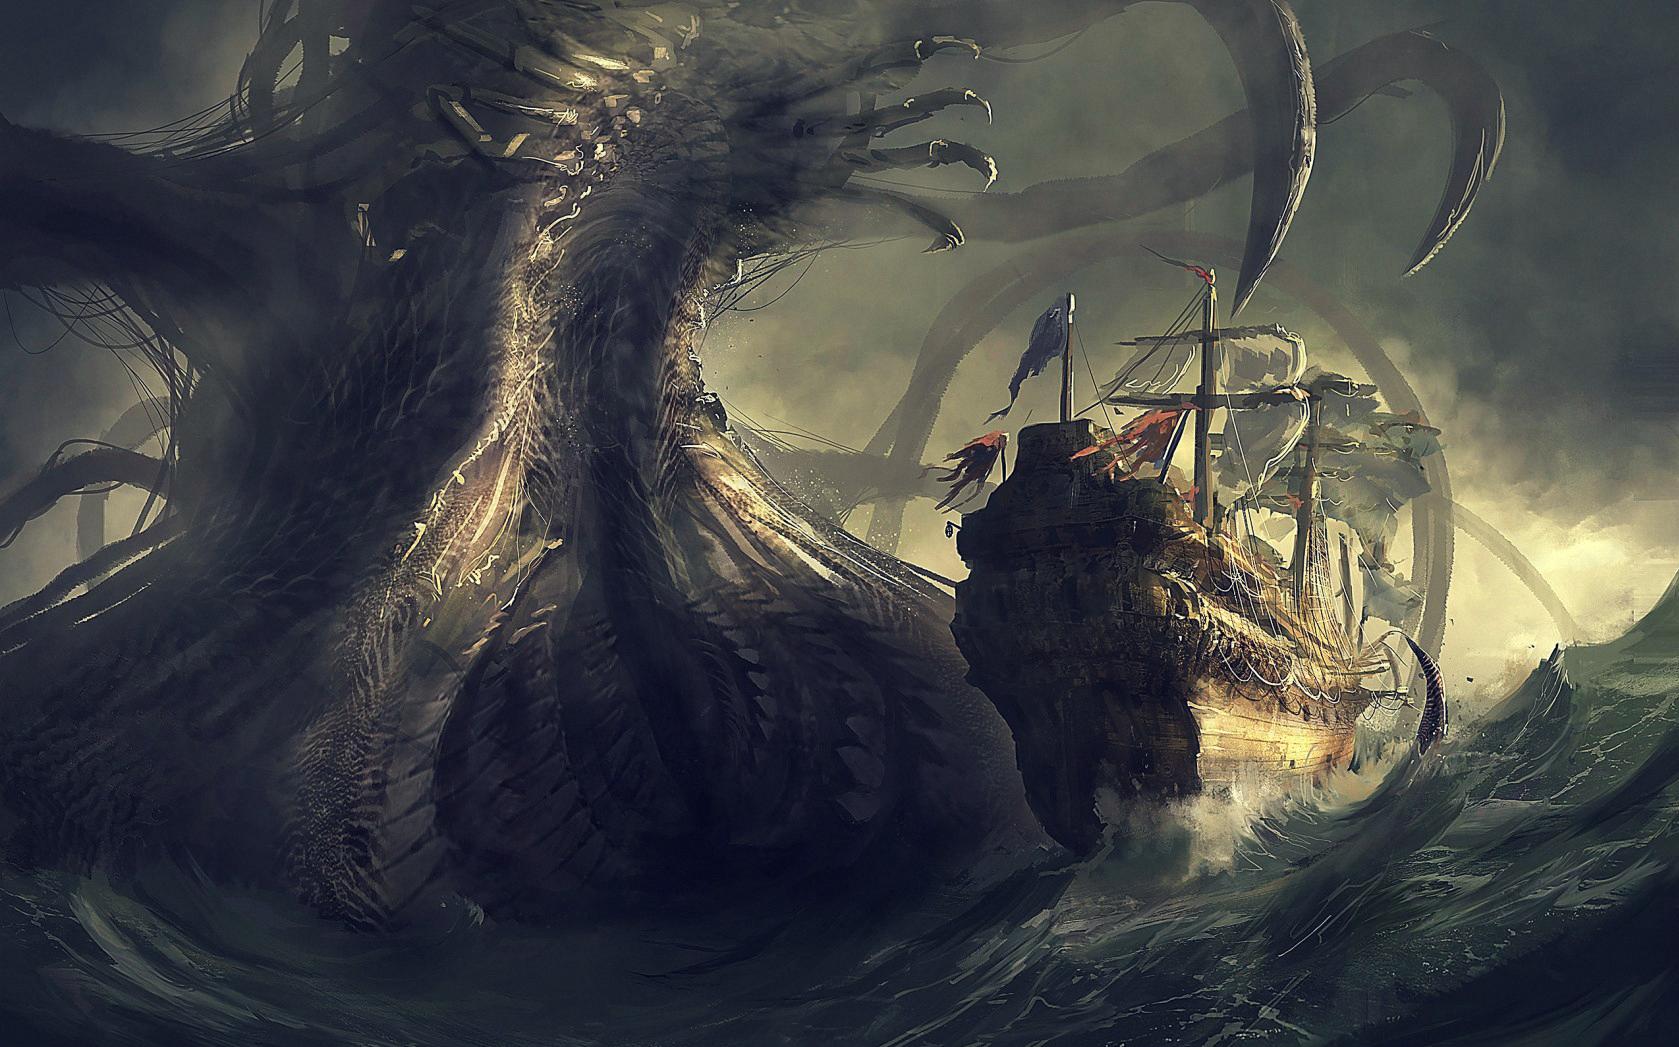 Обои для рабочего стола морские чудовища